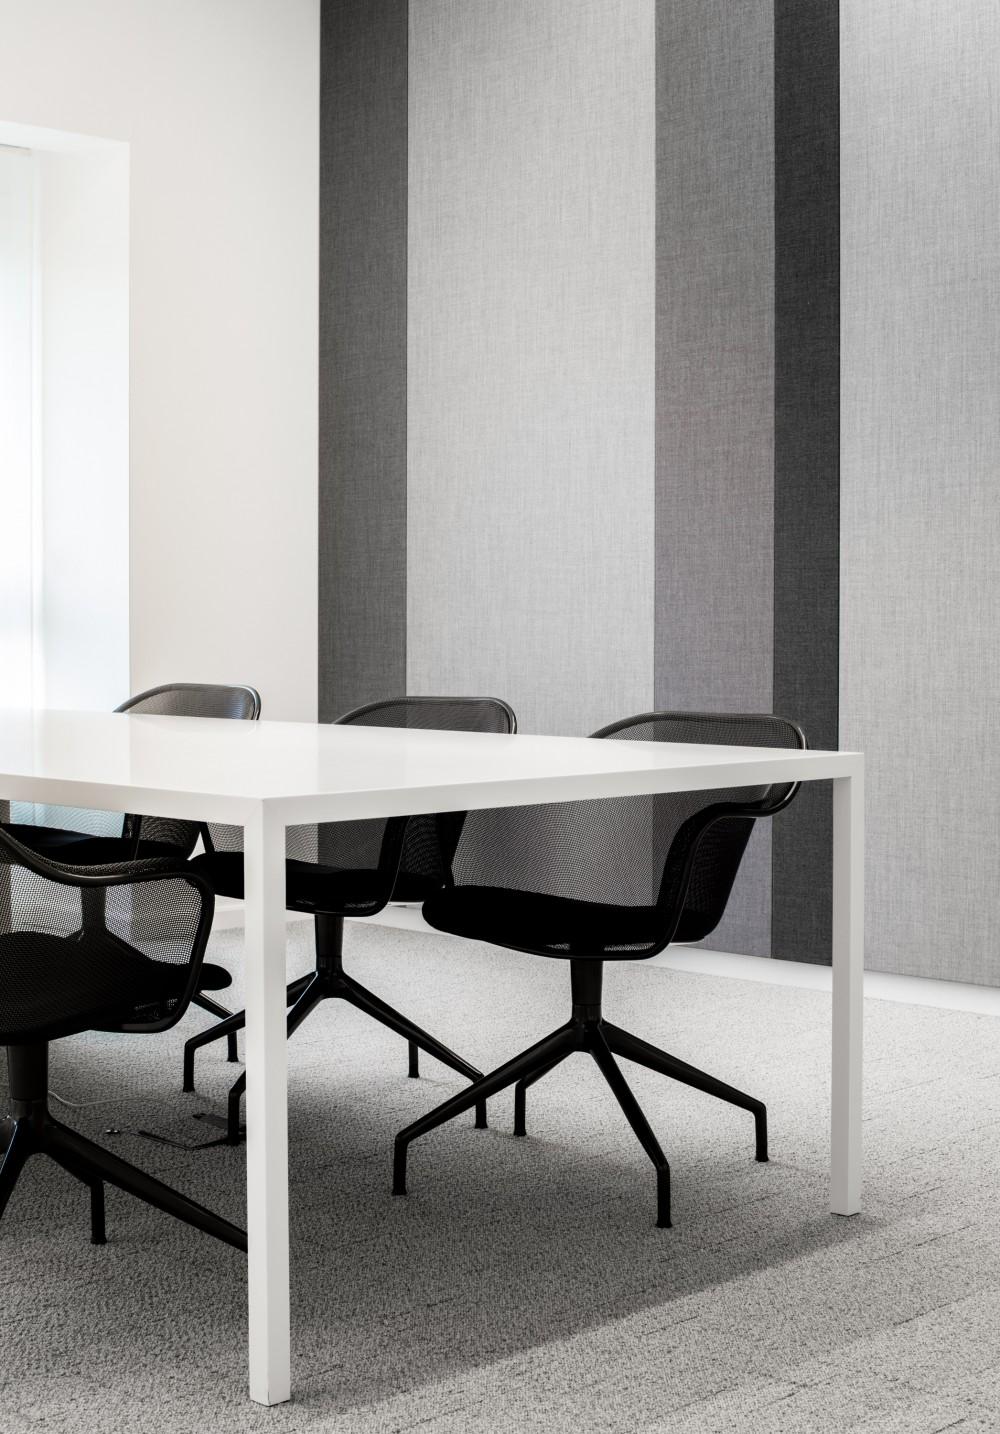 Abscis Architecten - akoestische textielwanden - tapijttegels en vernieuwd los meubilair - fotografie Jeroen Verrecht